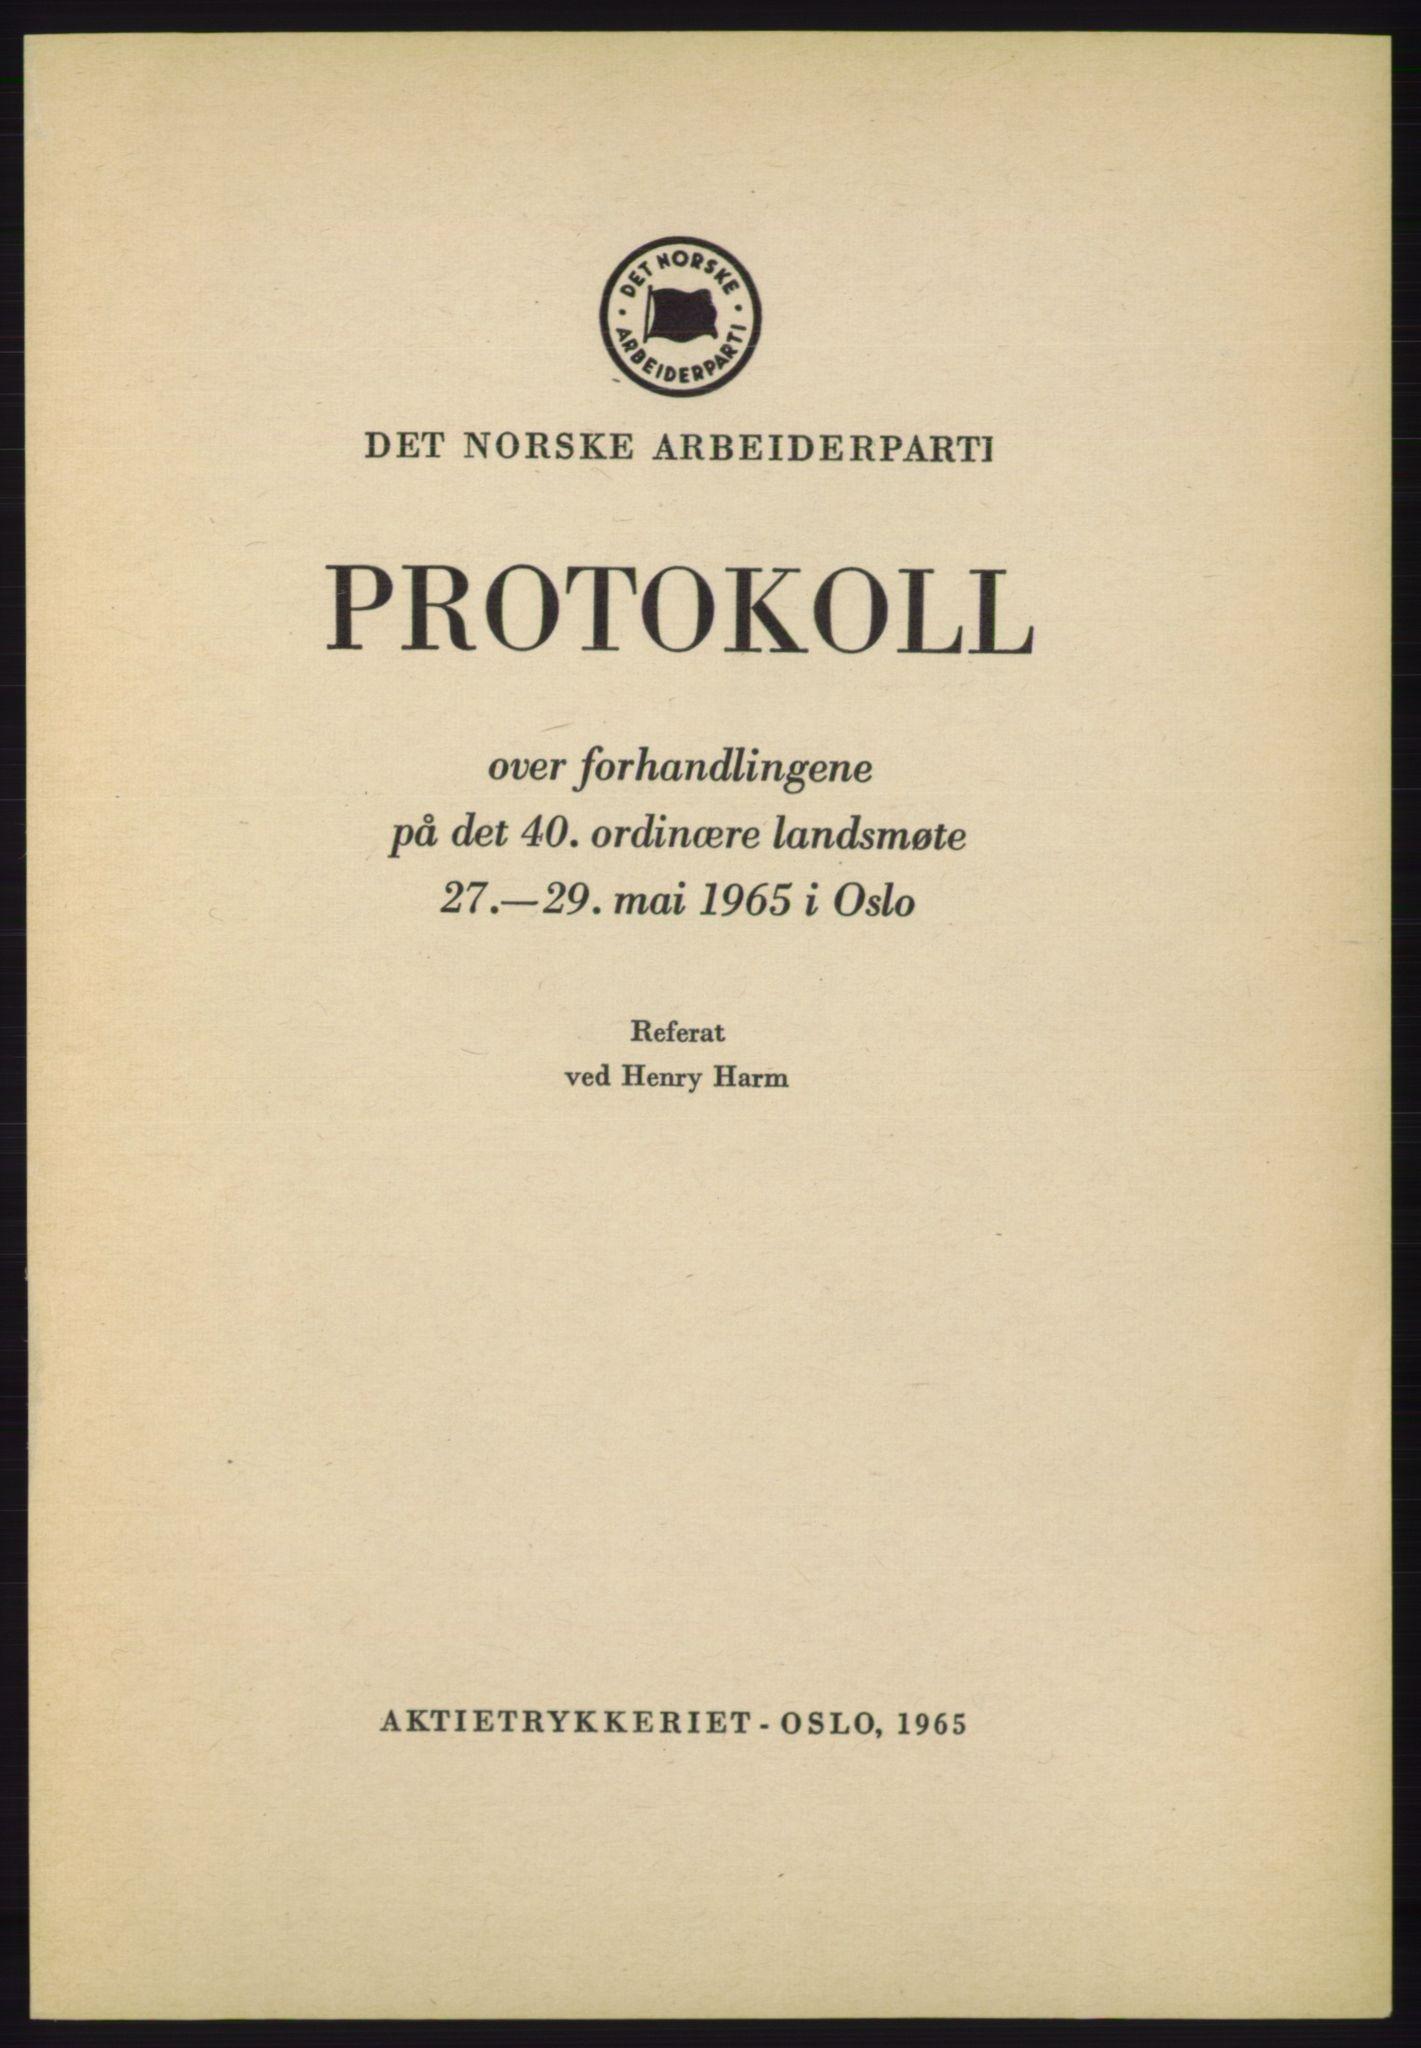 AAB, Det norske Arbeiderparti - publikasjoner, -/-: Protokoll over forhandlingene på det 40. ordinære landsmøte 27.-29. mai 1965 i Oslo, 1965